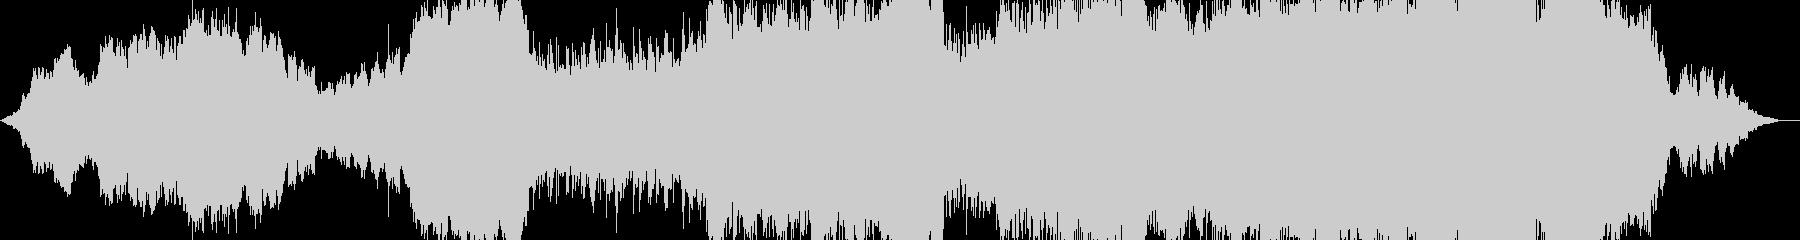 響きと迫力がインパクトあるメロディーの未再生の波形